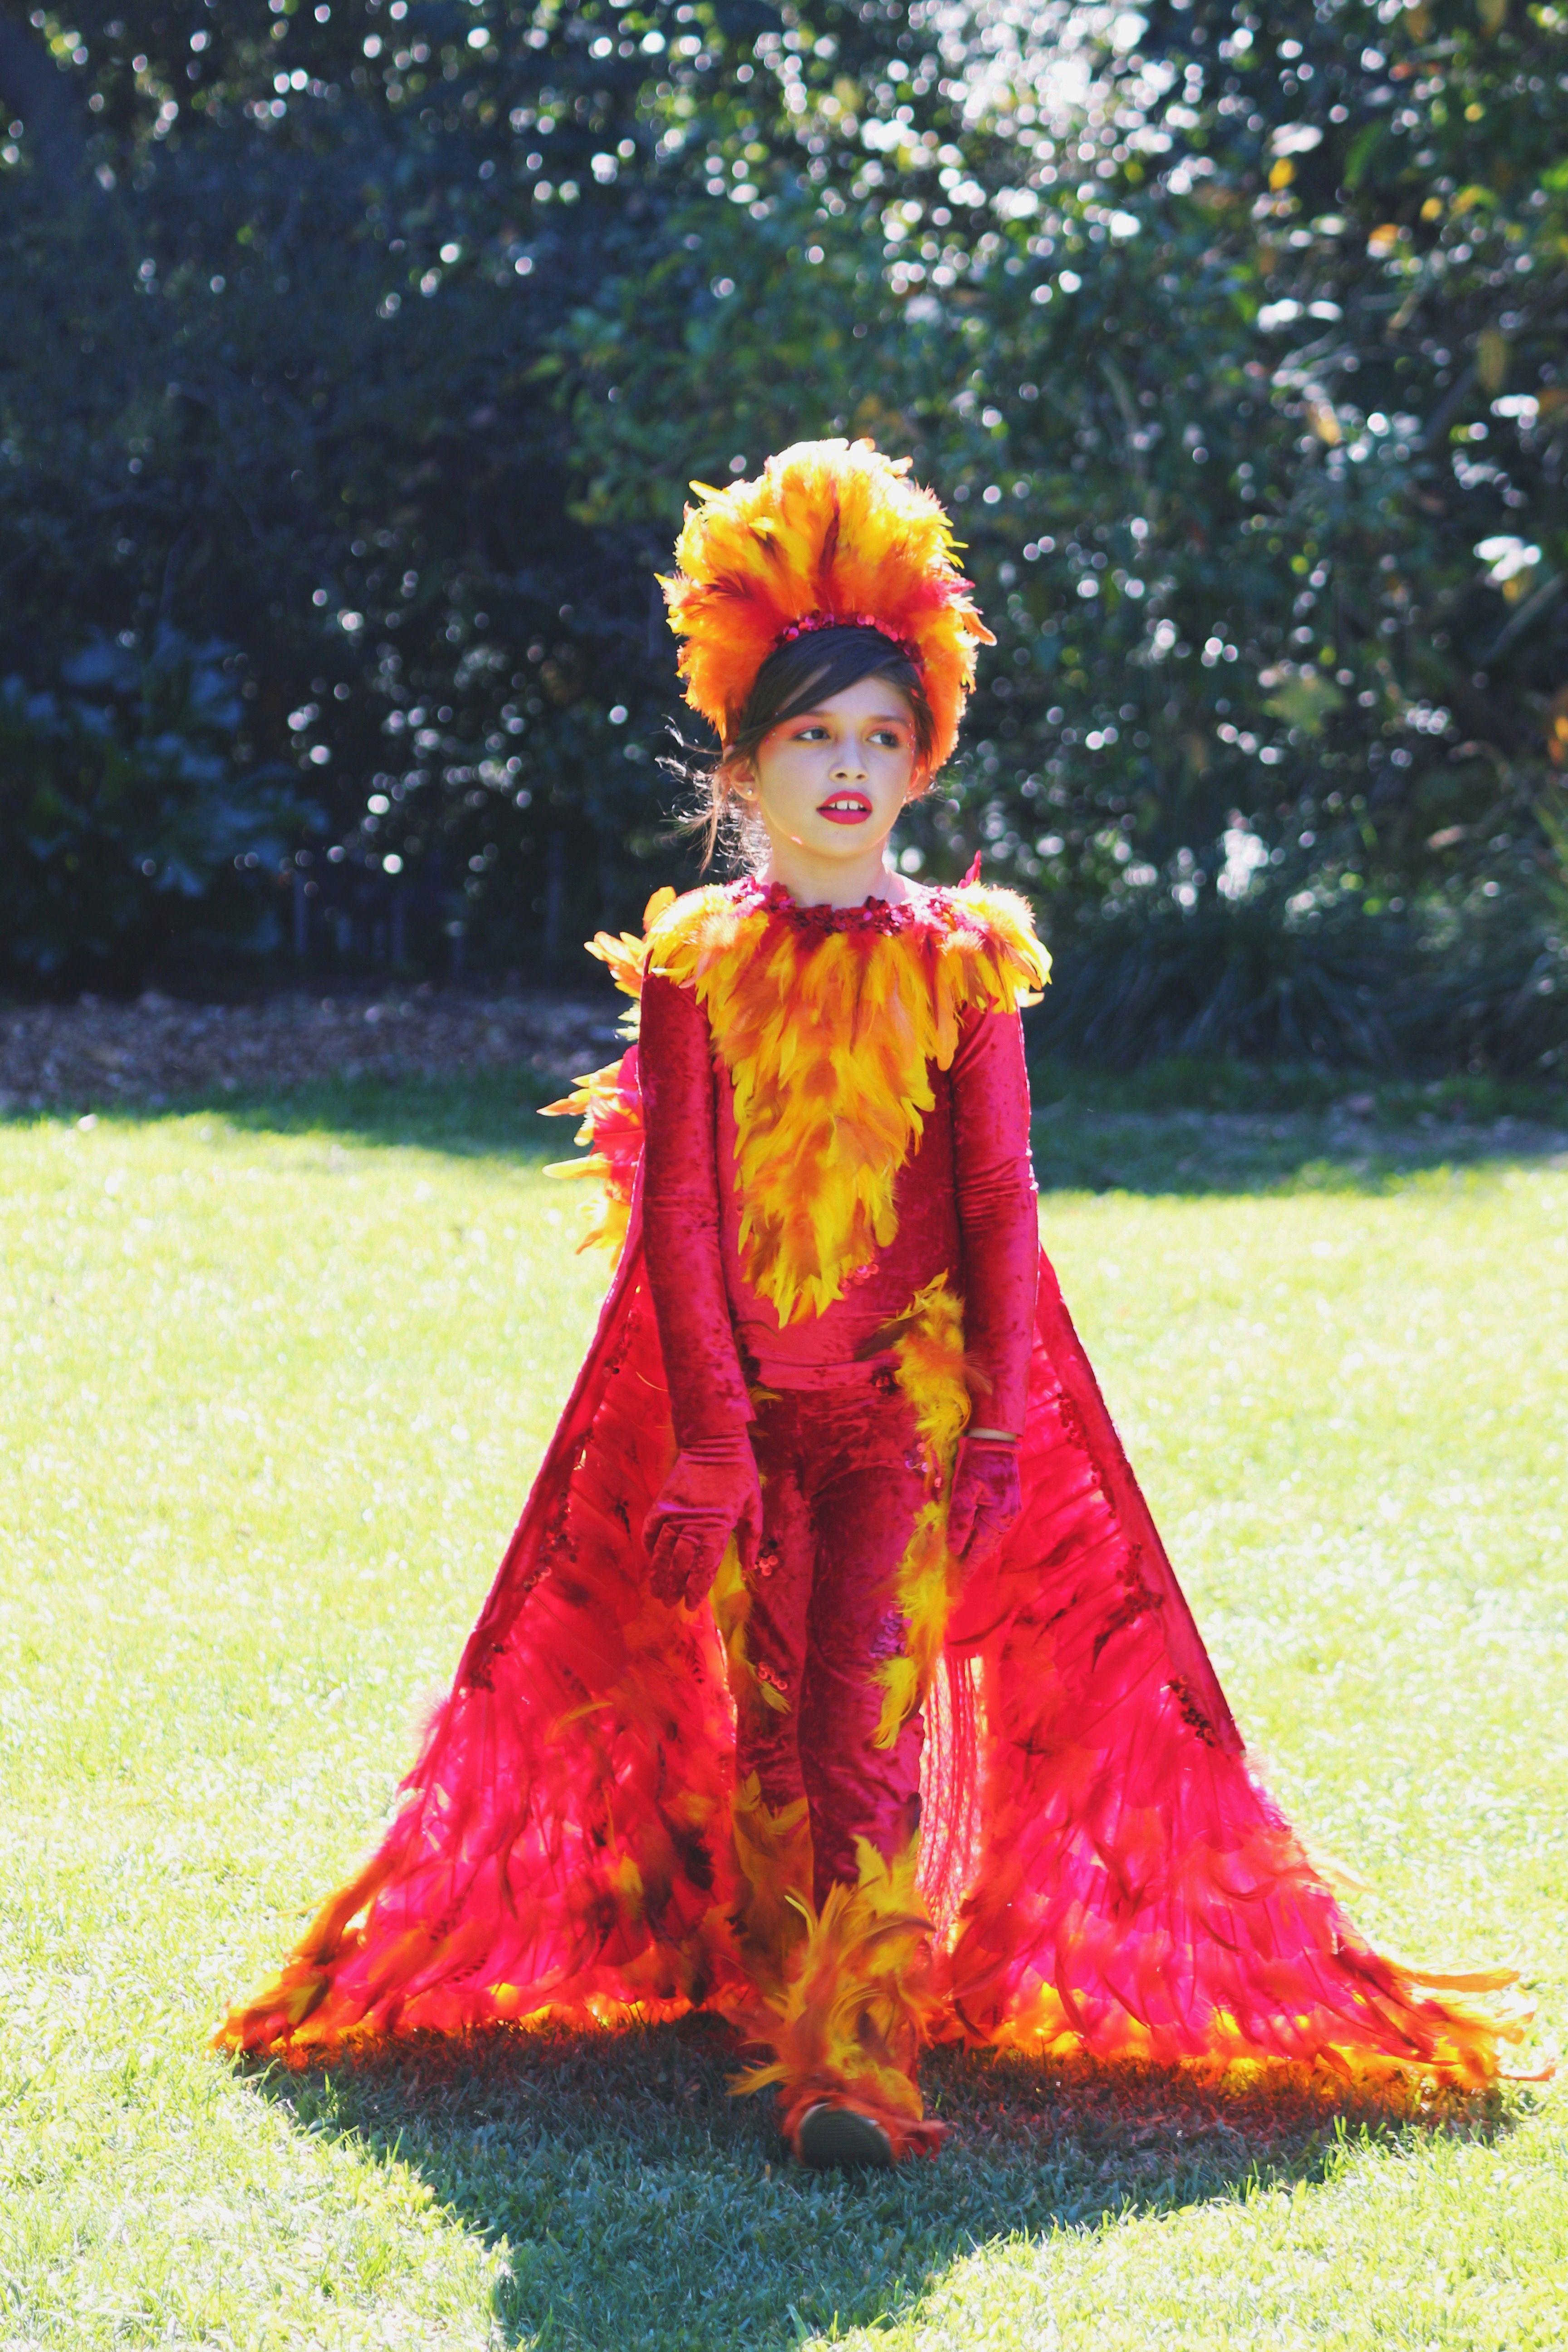 Halloween In Phoenix 2020 Kids Phoenix costume | Diy costumes kids, Phoenix costume, Diy costumes